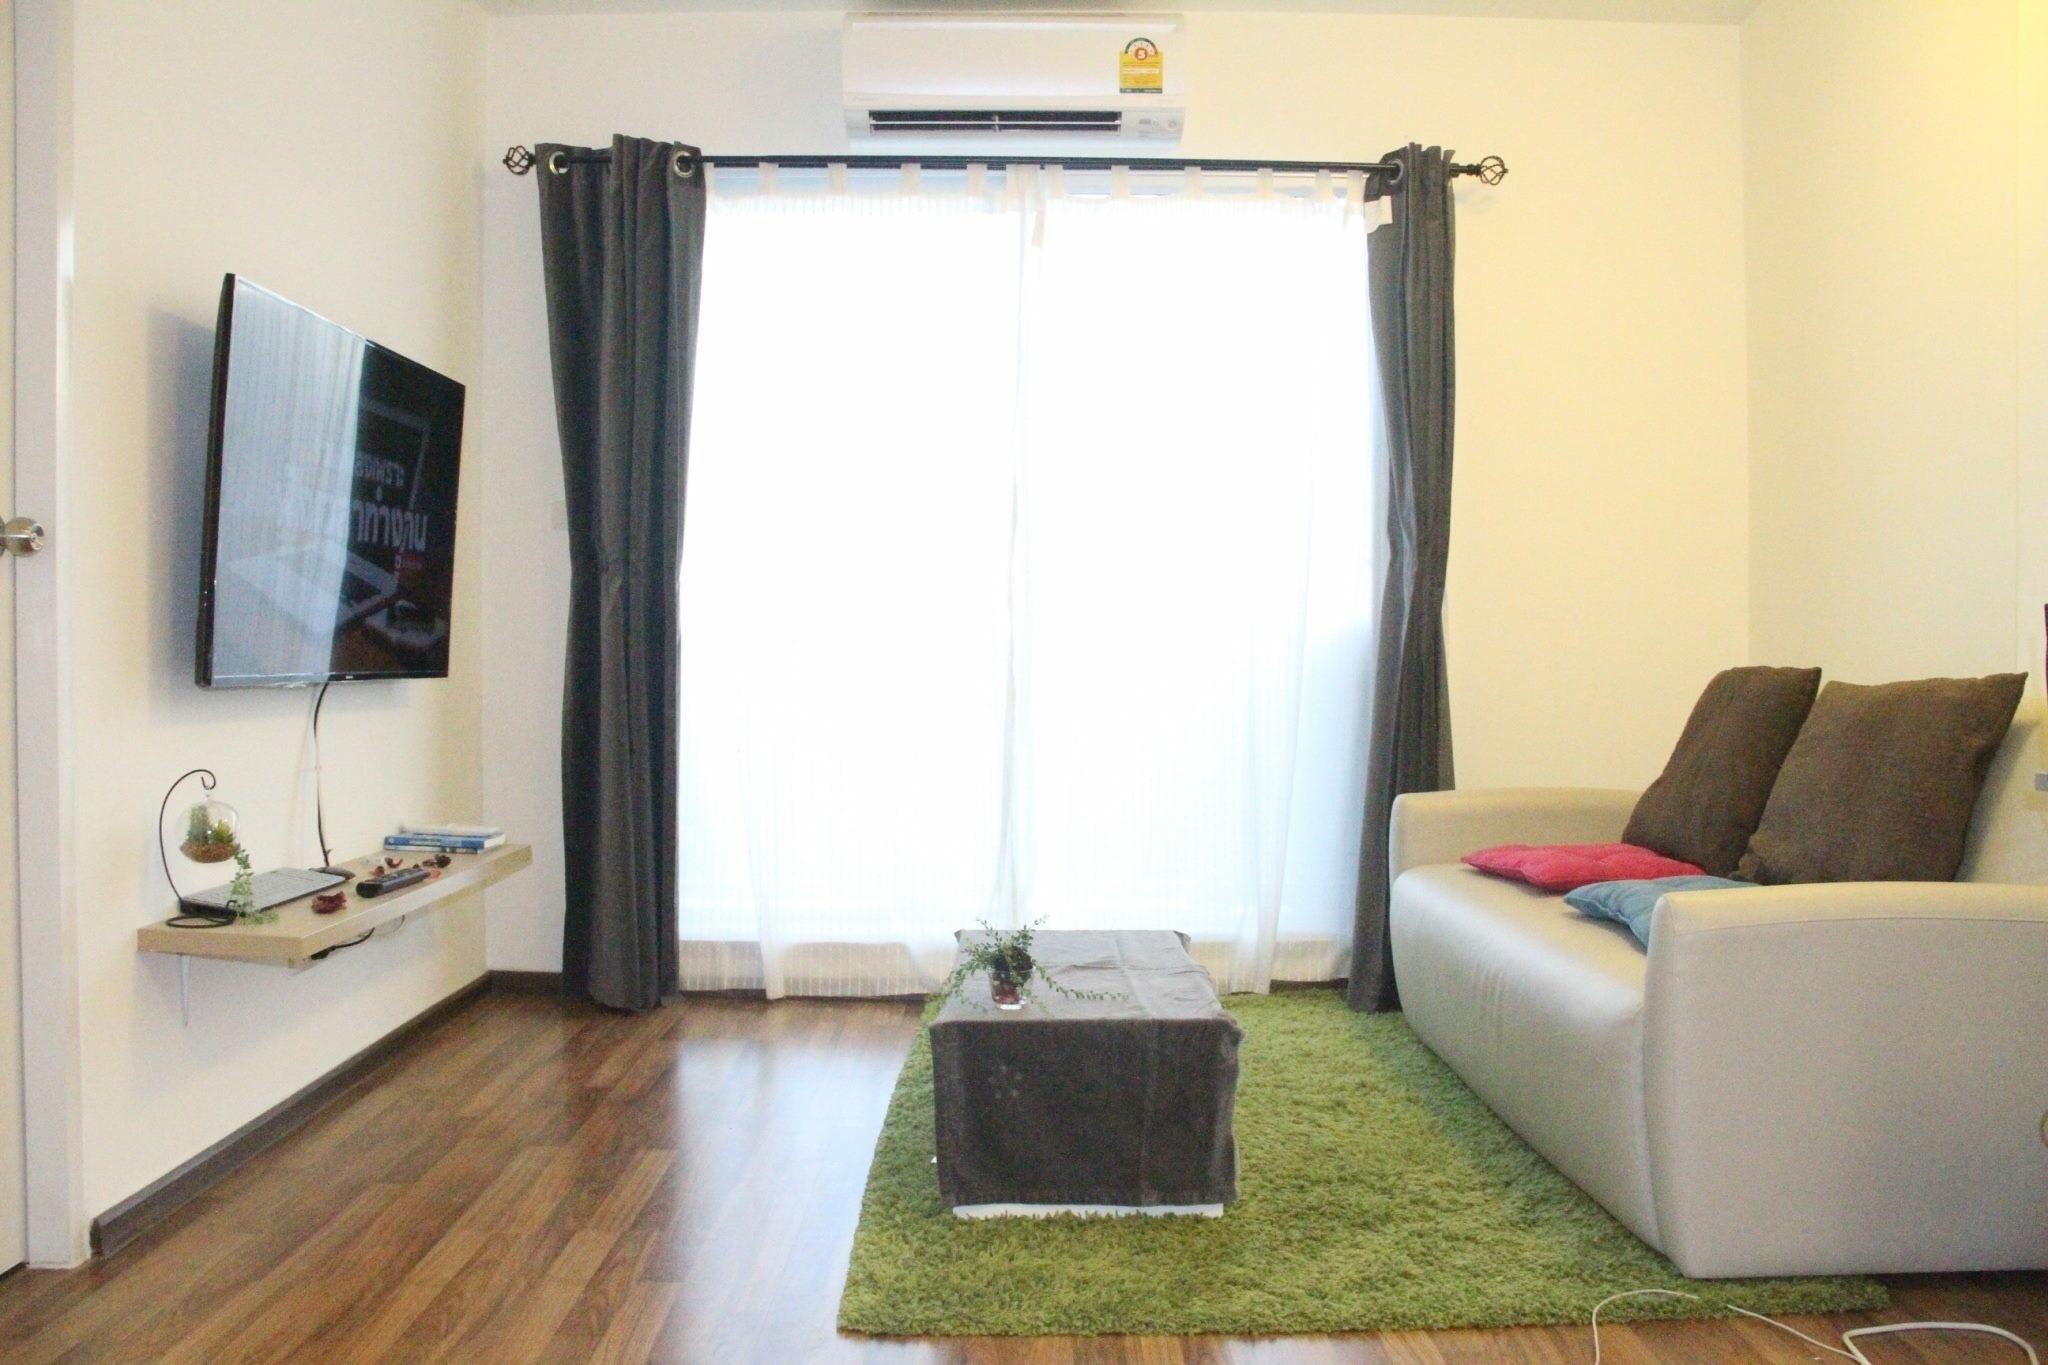 ให้เช่า คอนโด ยูคอนโดรัชโยธิน (U Condo Ratchayothin) 1 ห้องนอน 1 ห้องน้ำ เนื้อที่ 44 ตารางเมตร 1 ห้องนั้งเล่น 1 ห้อง ห้องครัว